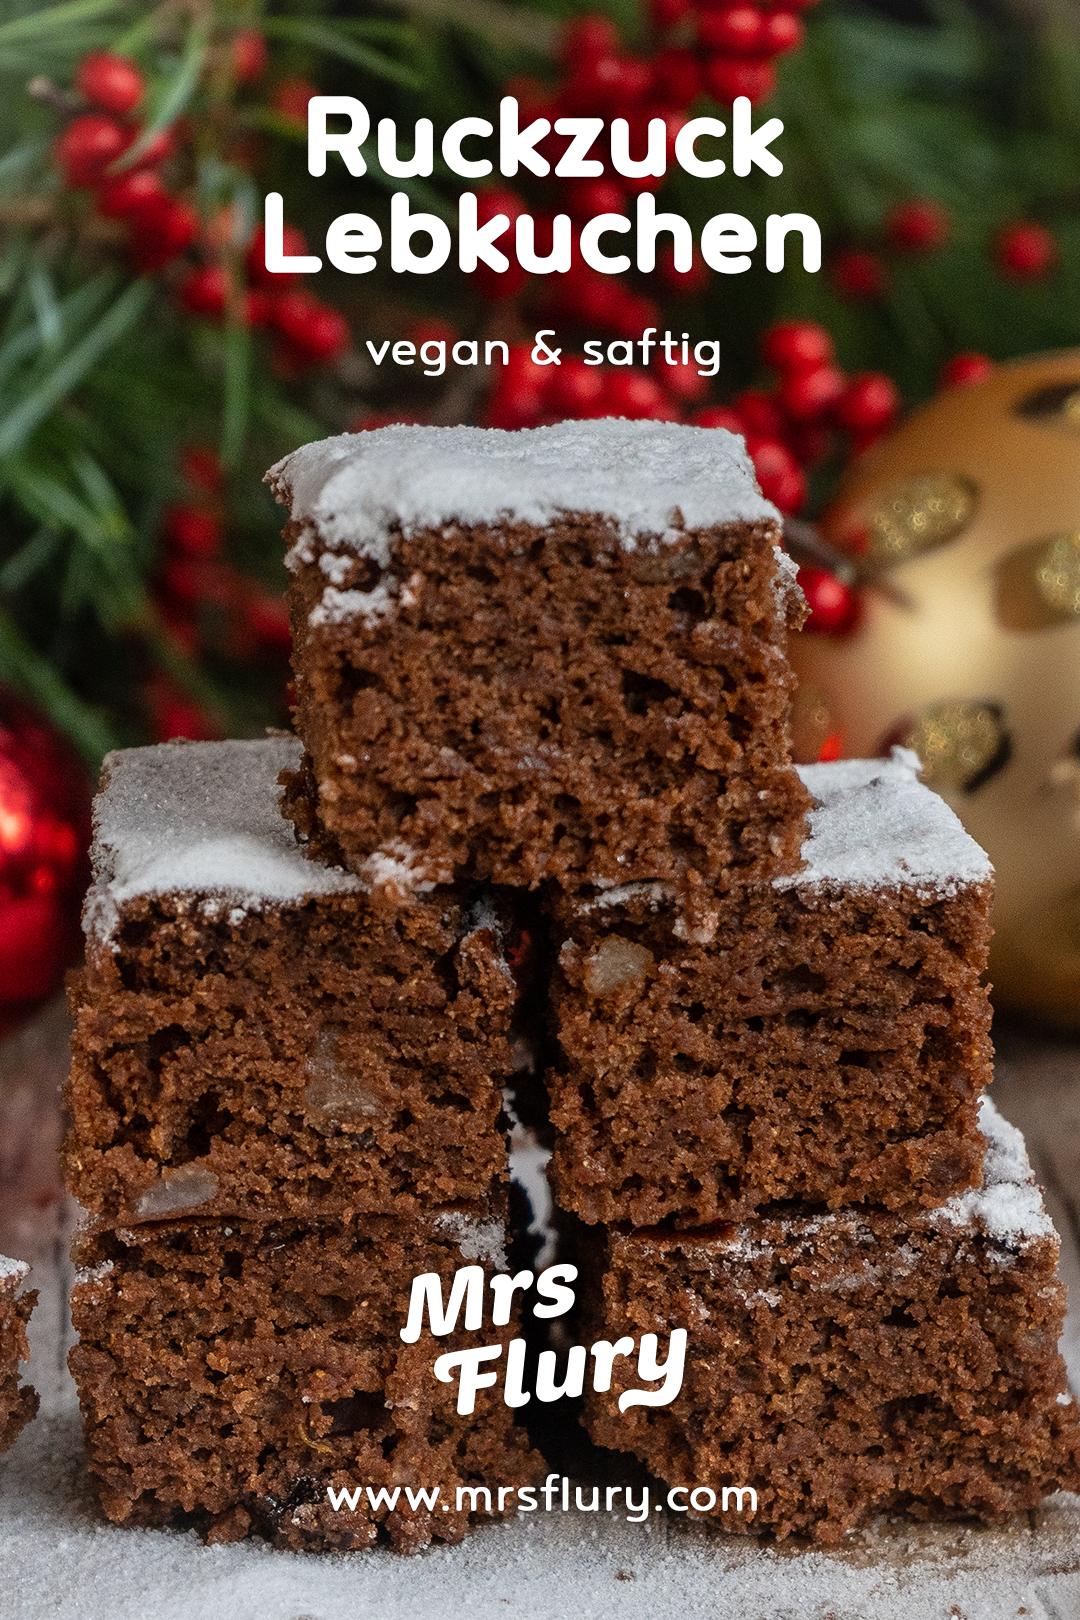 saftiger lebkuchen vom blech vegan rezept vegane kuchen kuchen backen und vegan backen. Black Bedroom Furniture Sets. Home Design Ideas